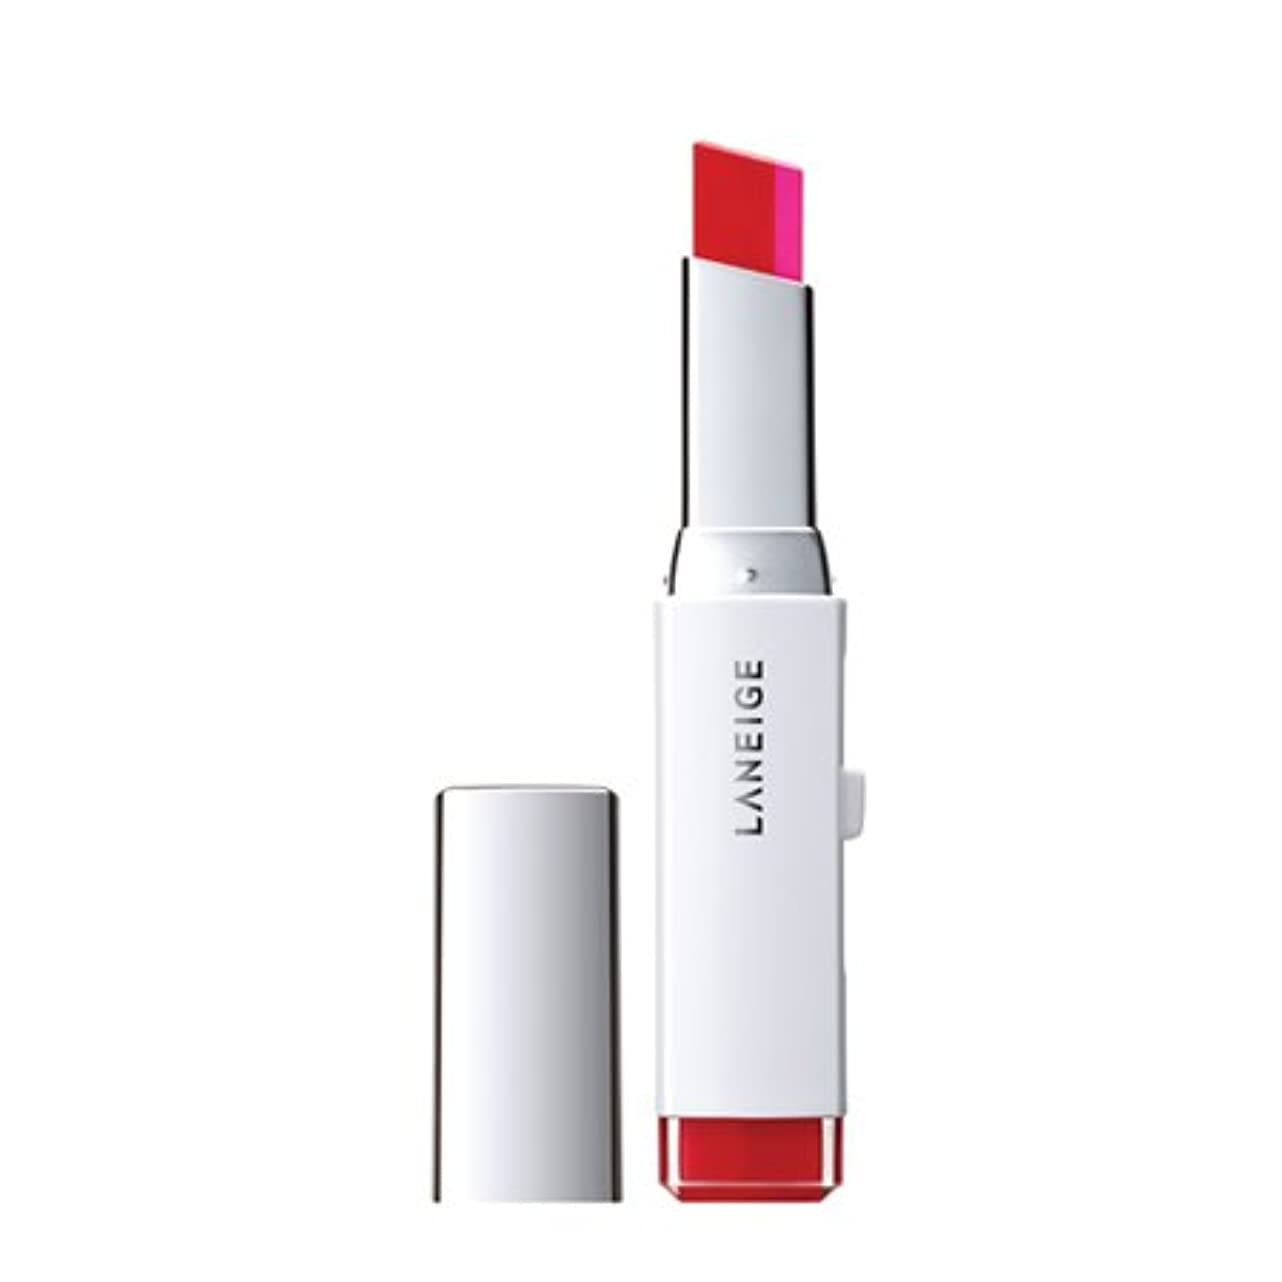 ビジュアルピービッシュ高架ラネージュ(LANEIGE)ツートーンリップバー(Two tone lip bar)2g カラー:5号 ダリングダーリン